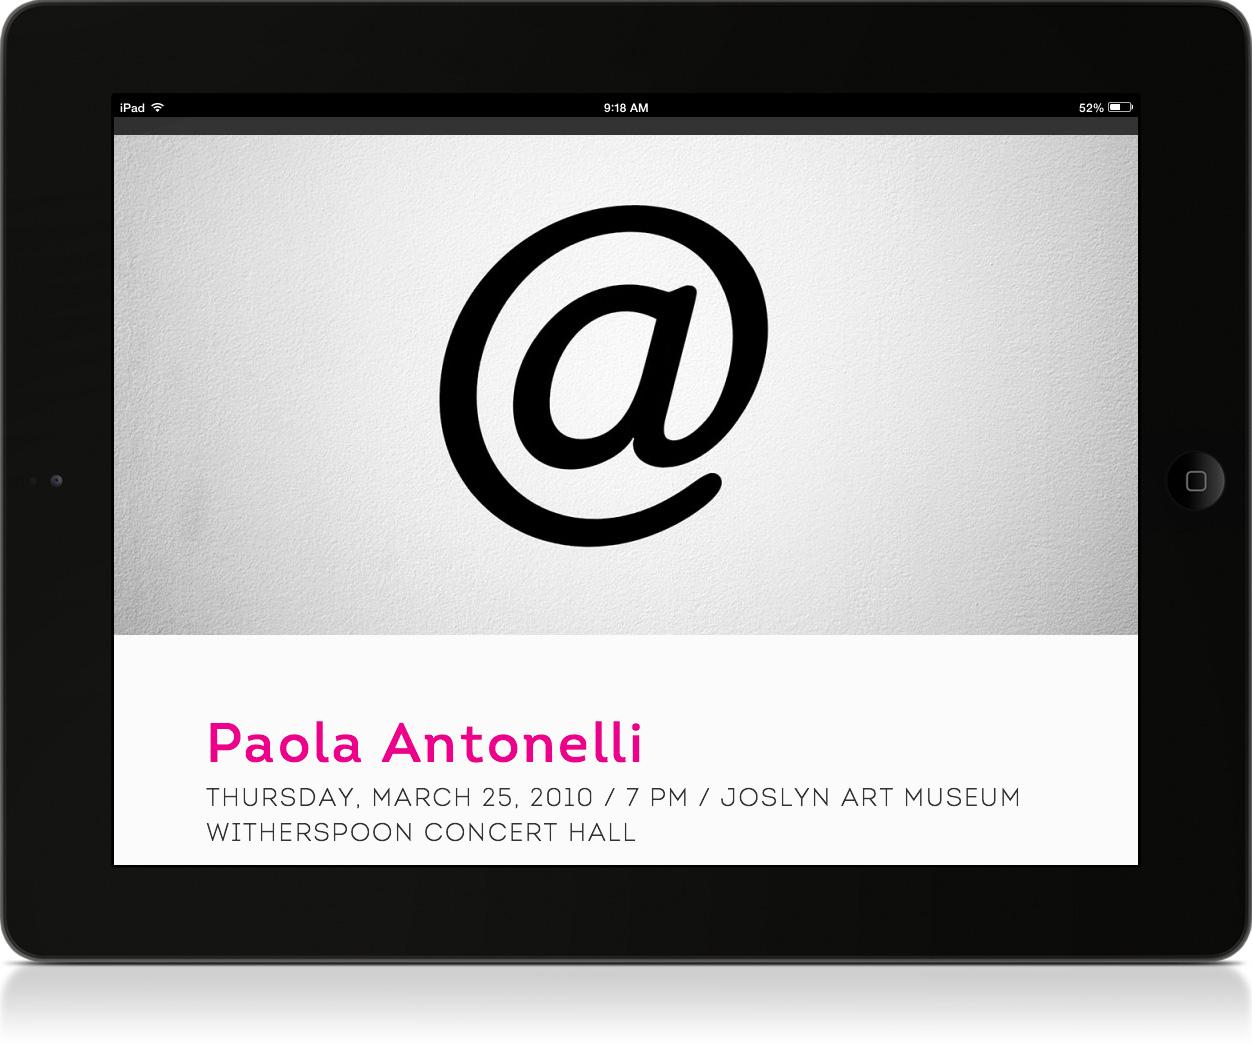 jkdc_daoma-site_ipad_paolaantonelli.jpg